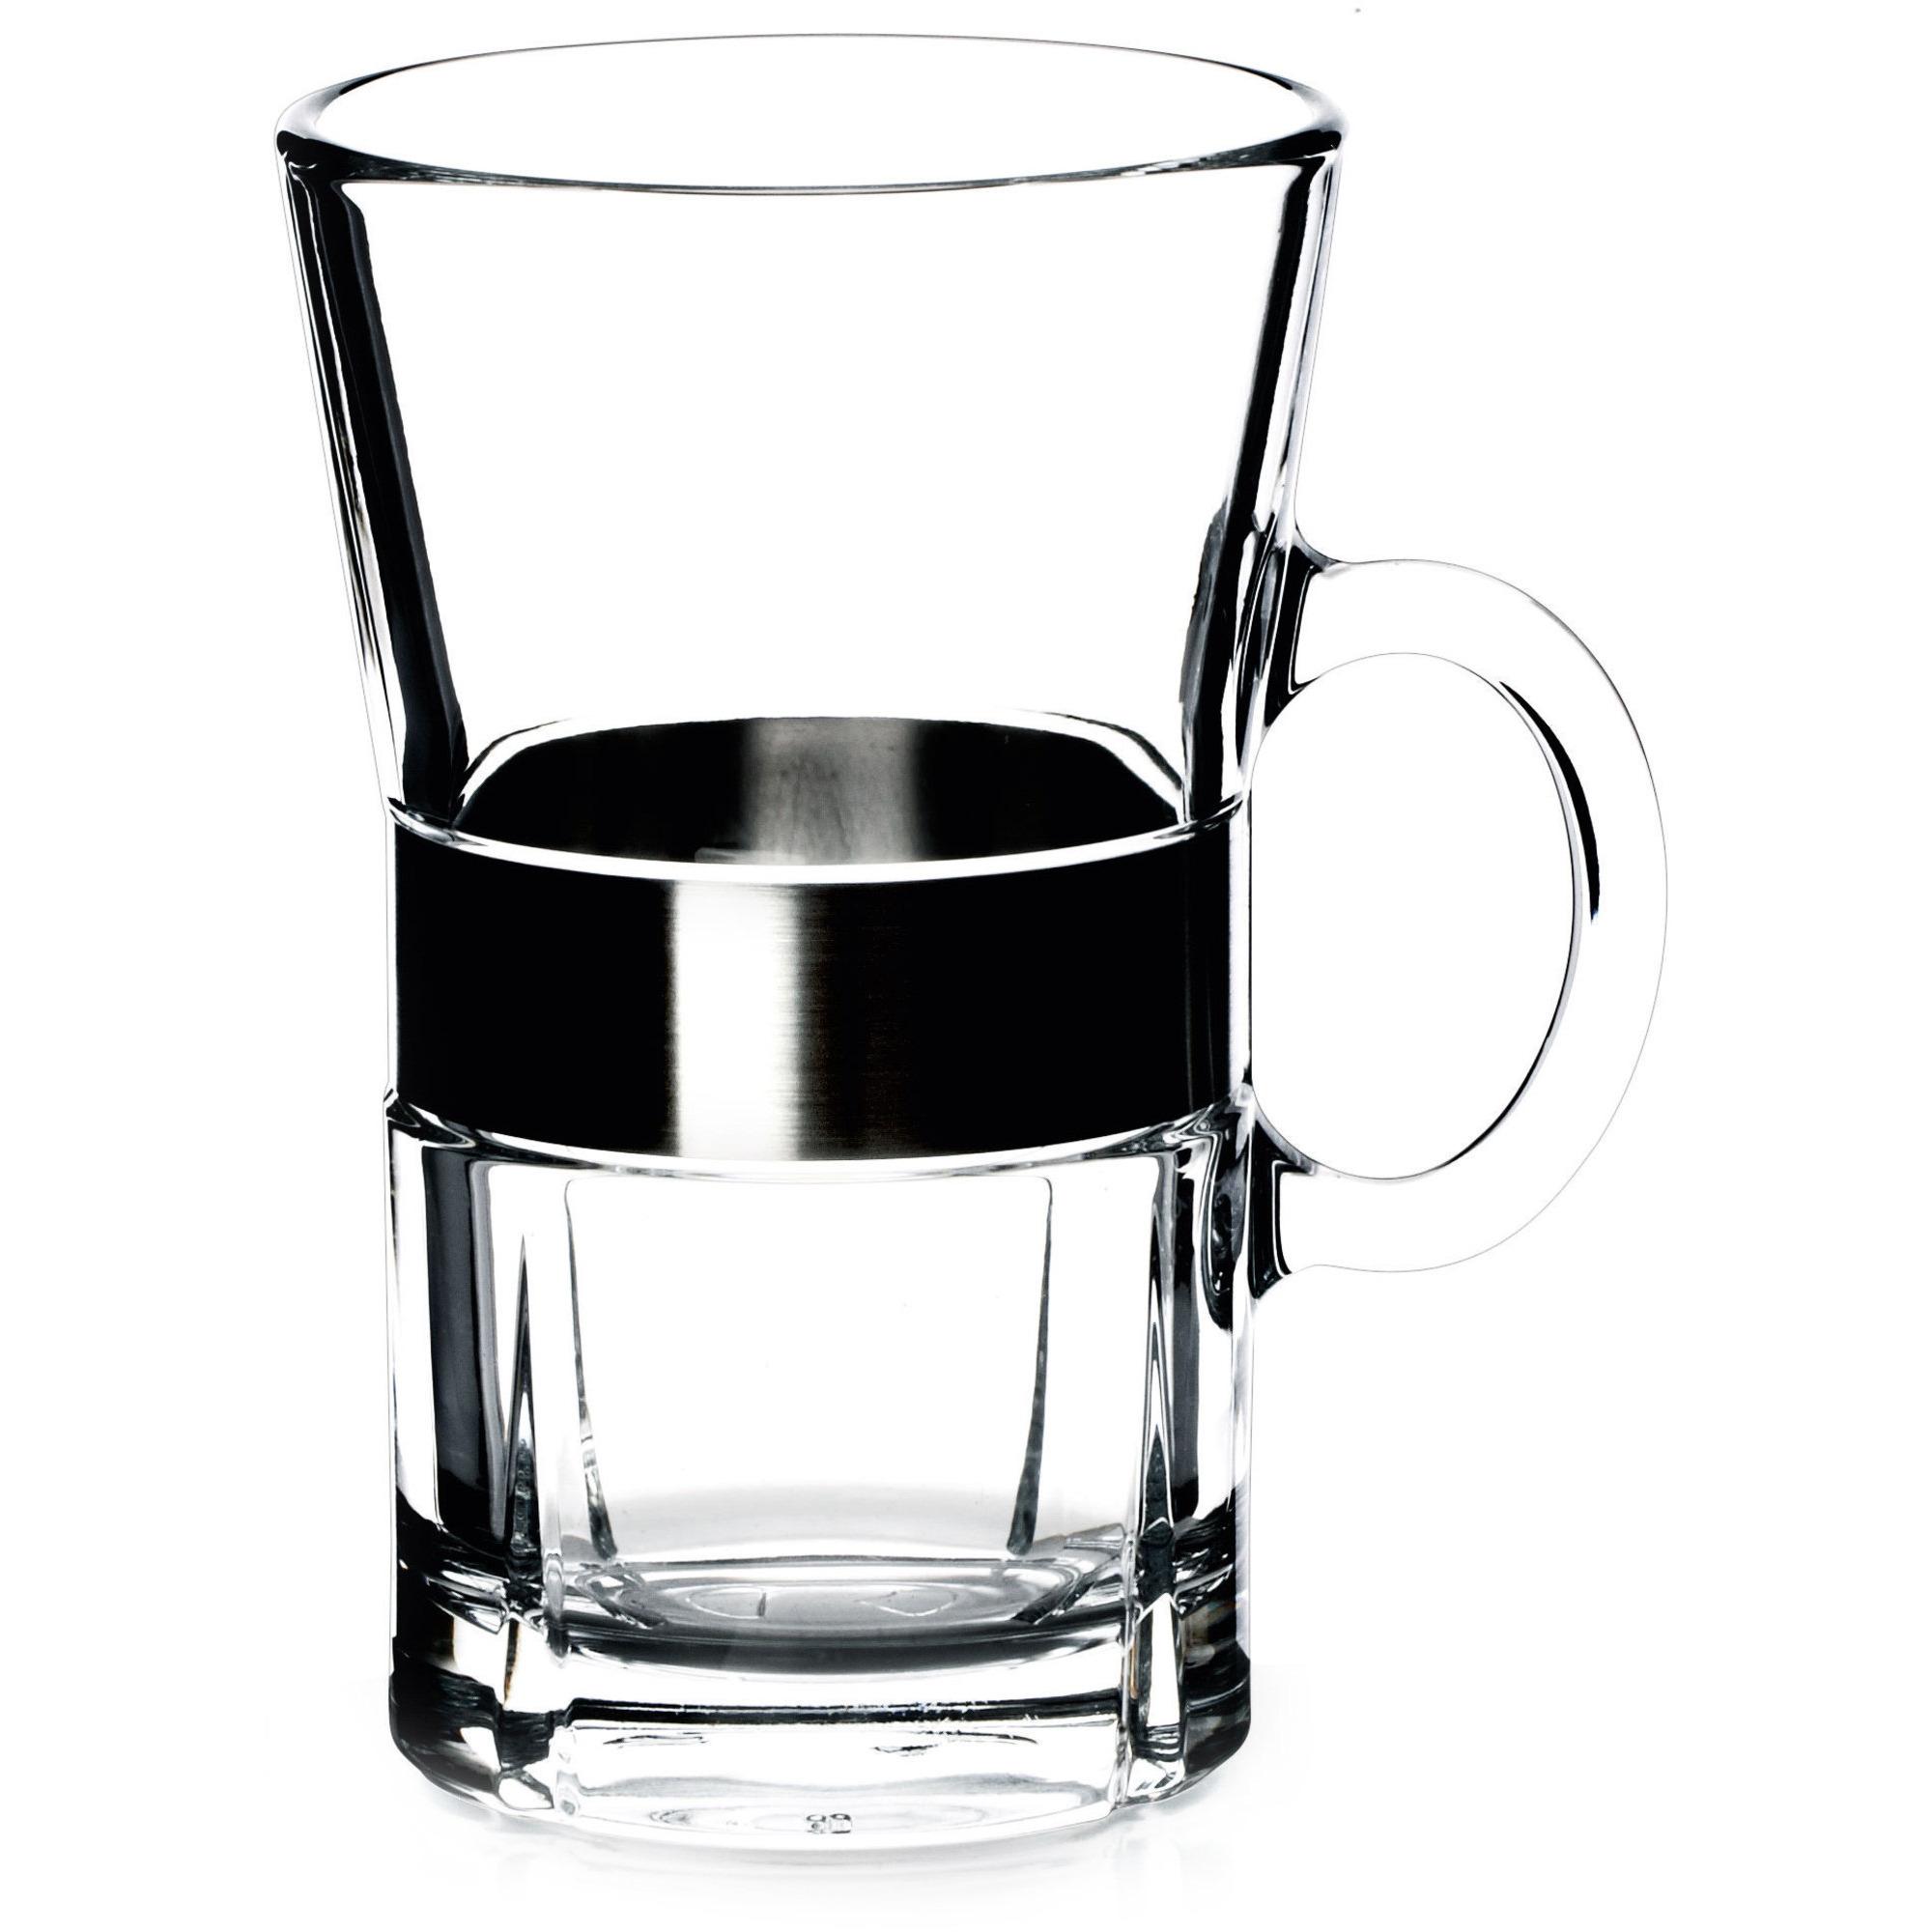 Rosendahl Grand Cru Kaffeglas 2 st 24 cl